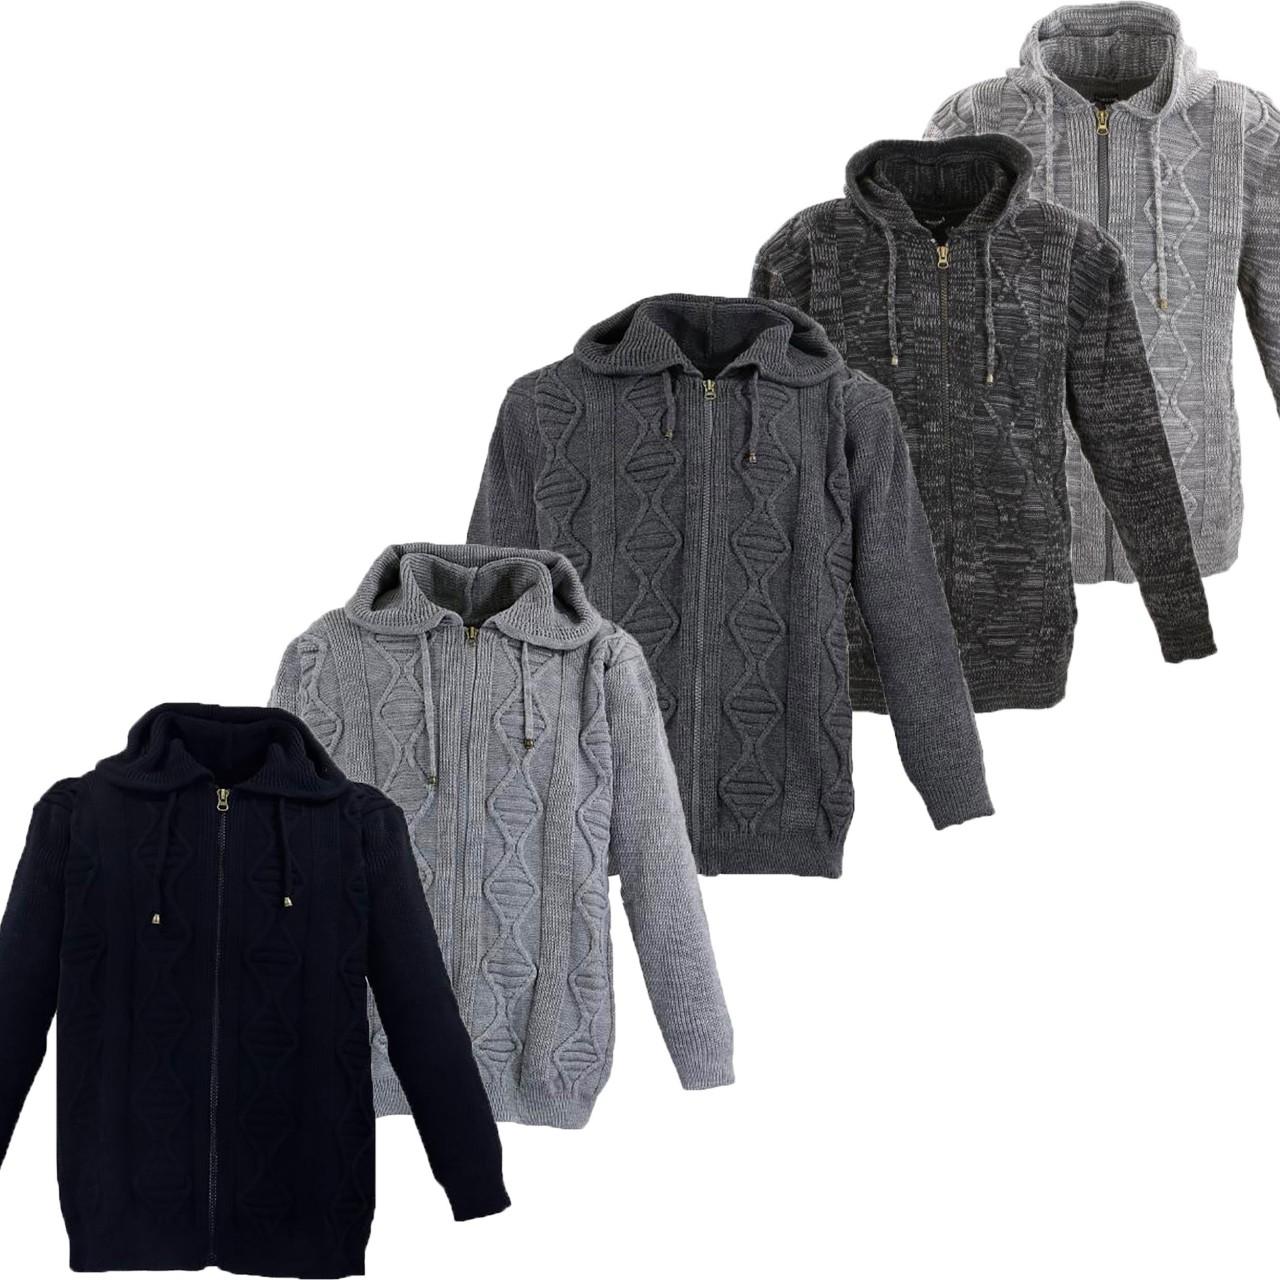 42c2574944c3 große Größen Pullover für Herren   Big Size Shop   Big Size Shop